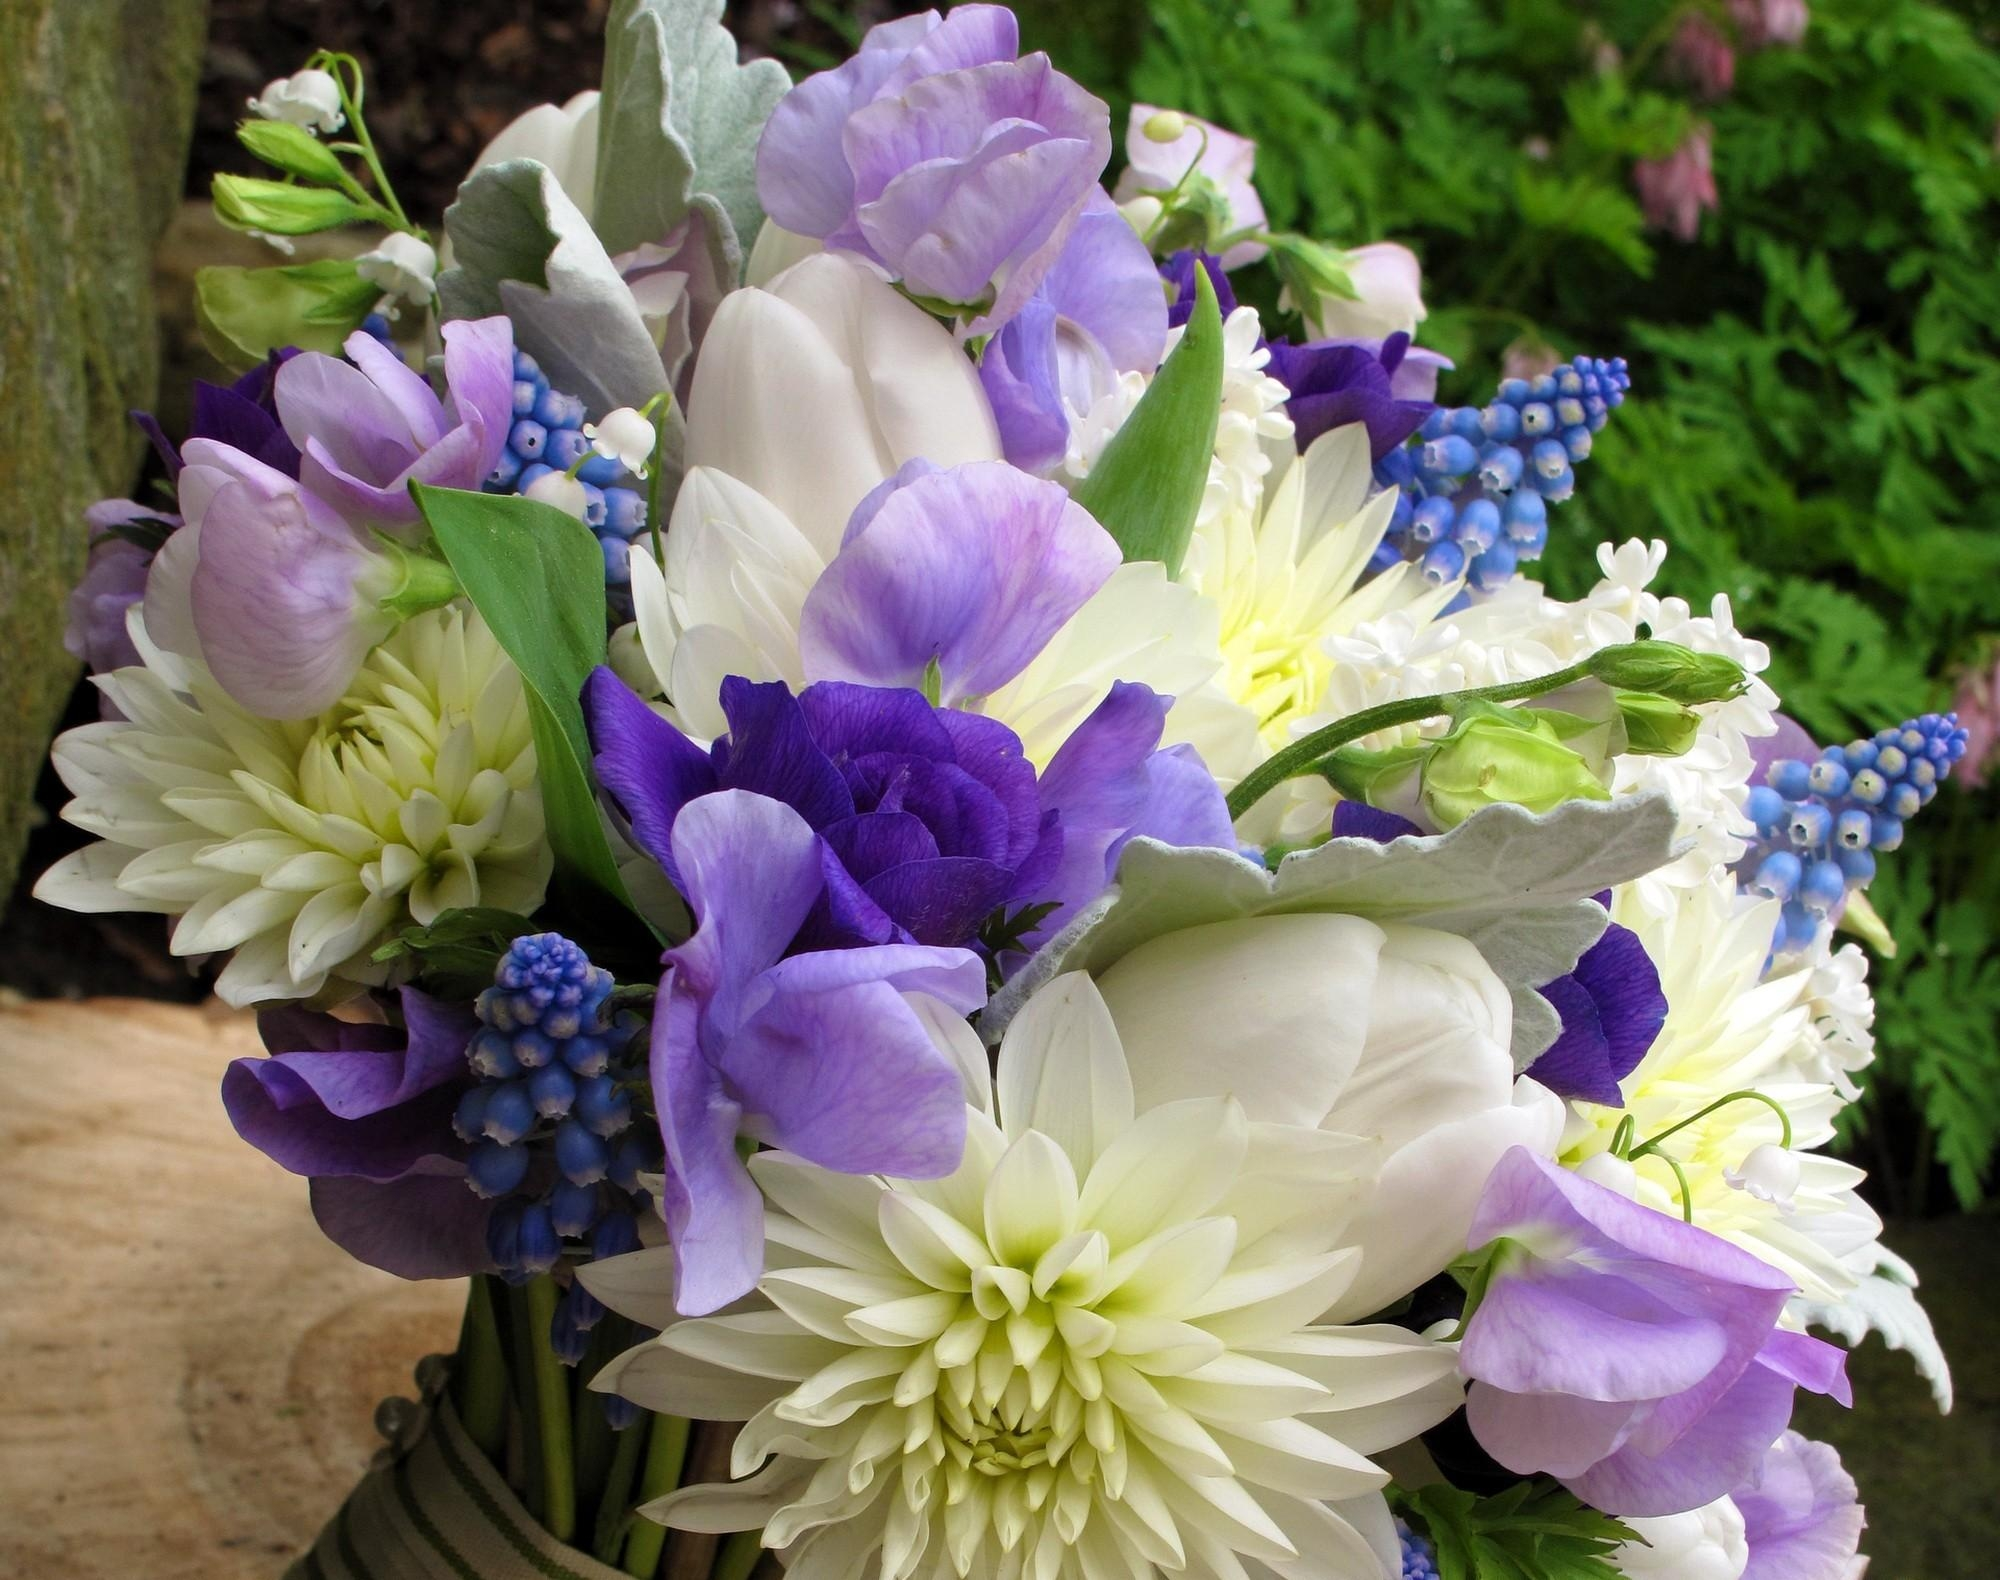 149472 скачать обои Цветы, Букет, Мускари, Весна, Хризантемы, Ландыши - заставки и картинки бесплатно